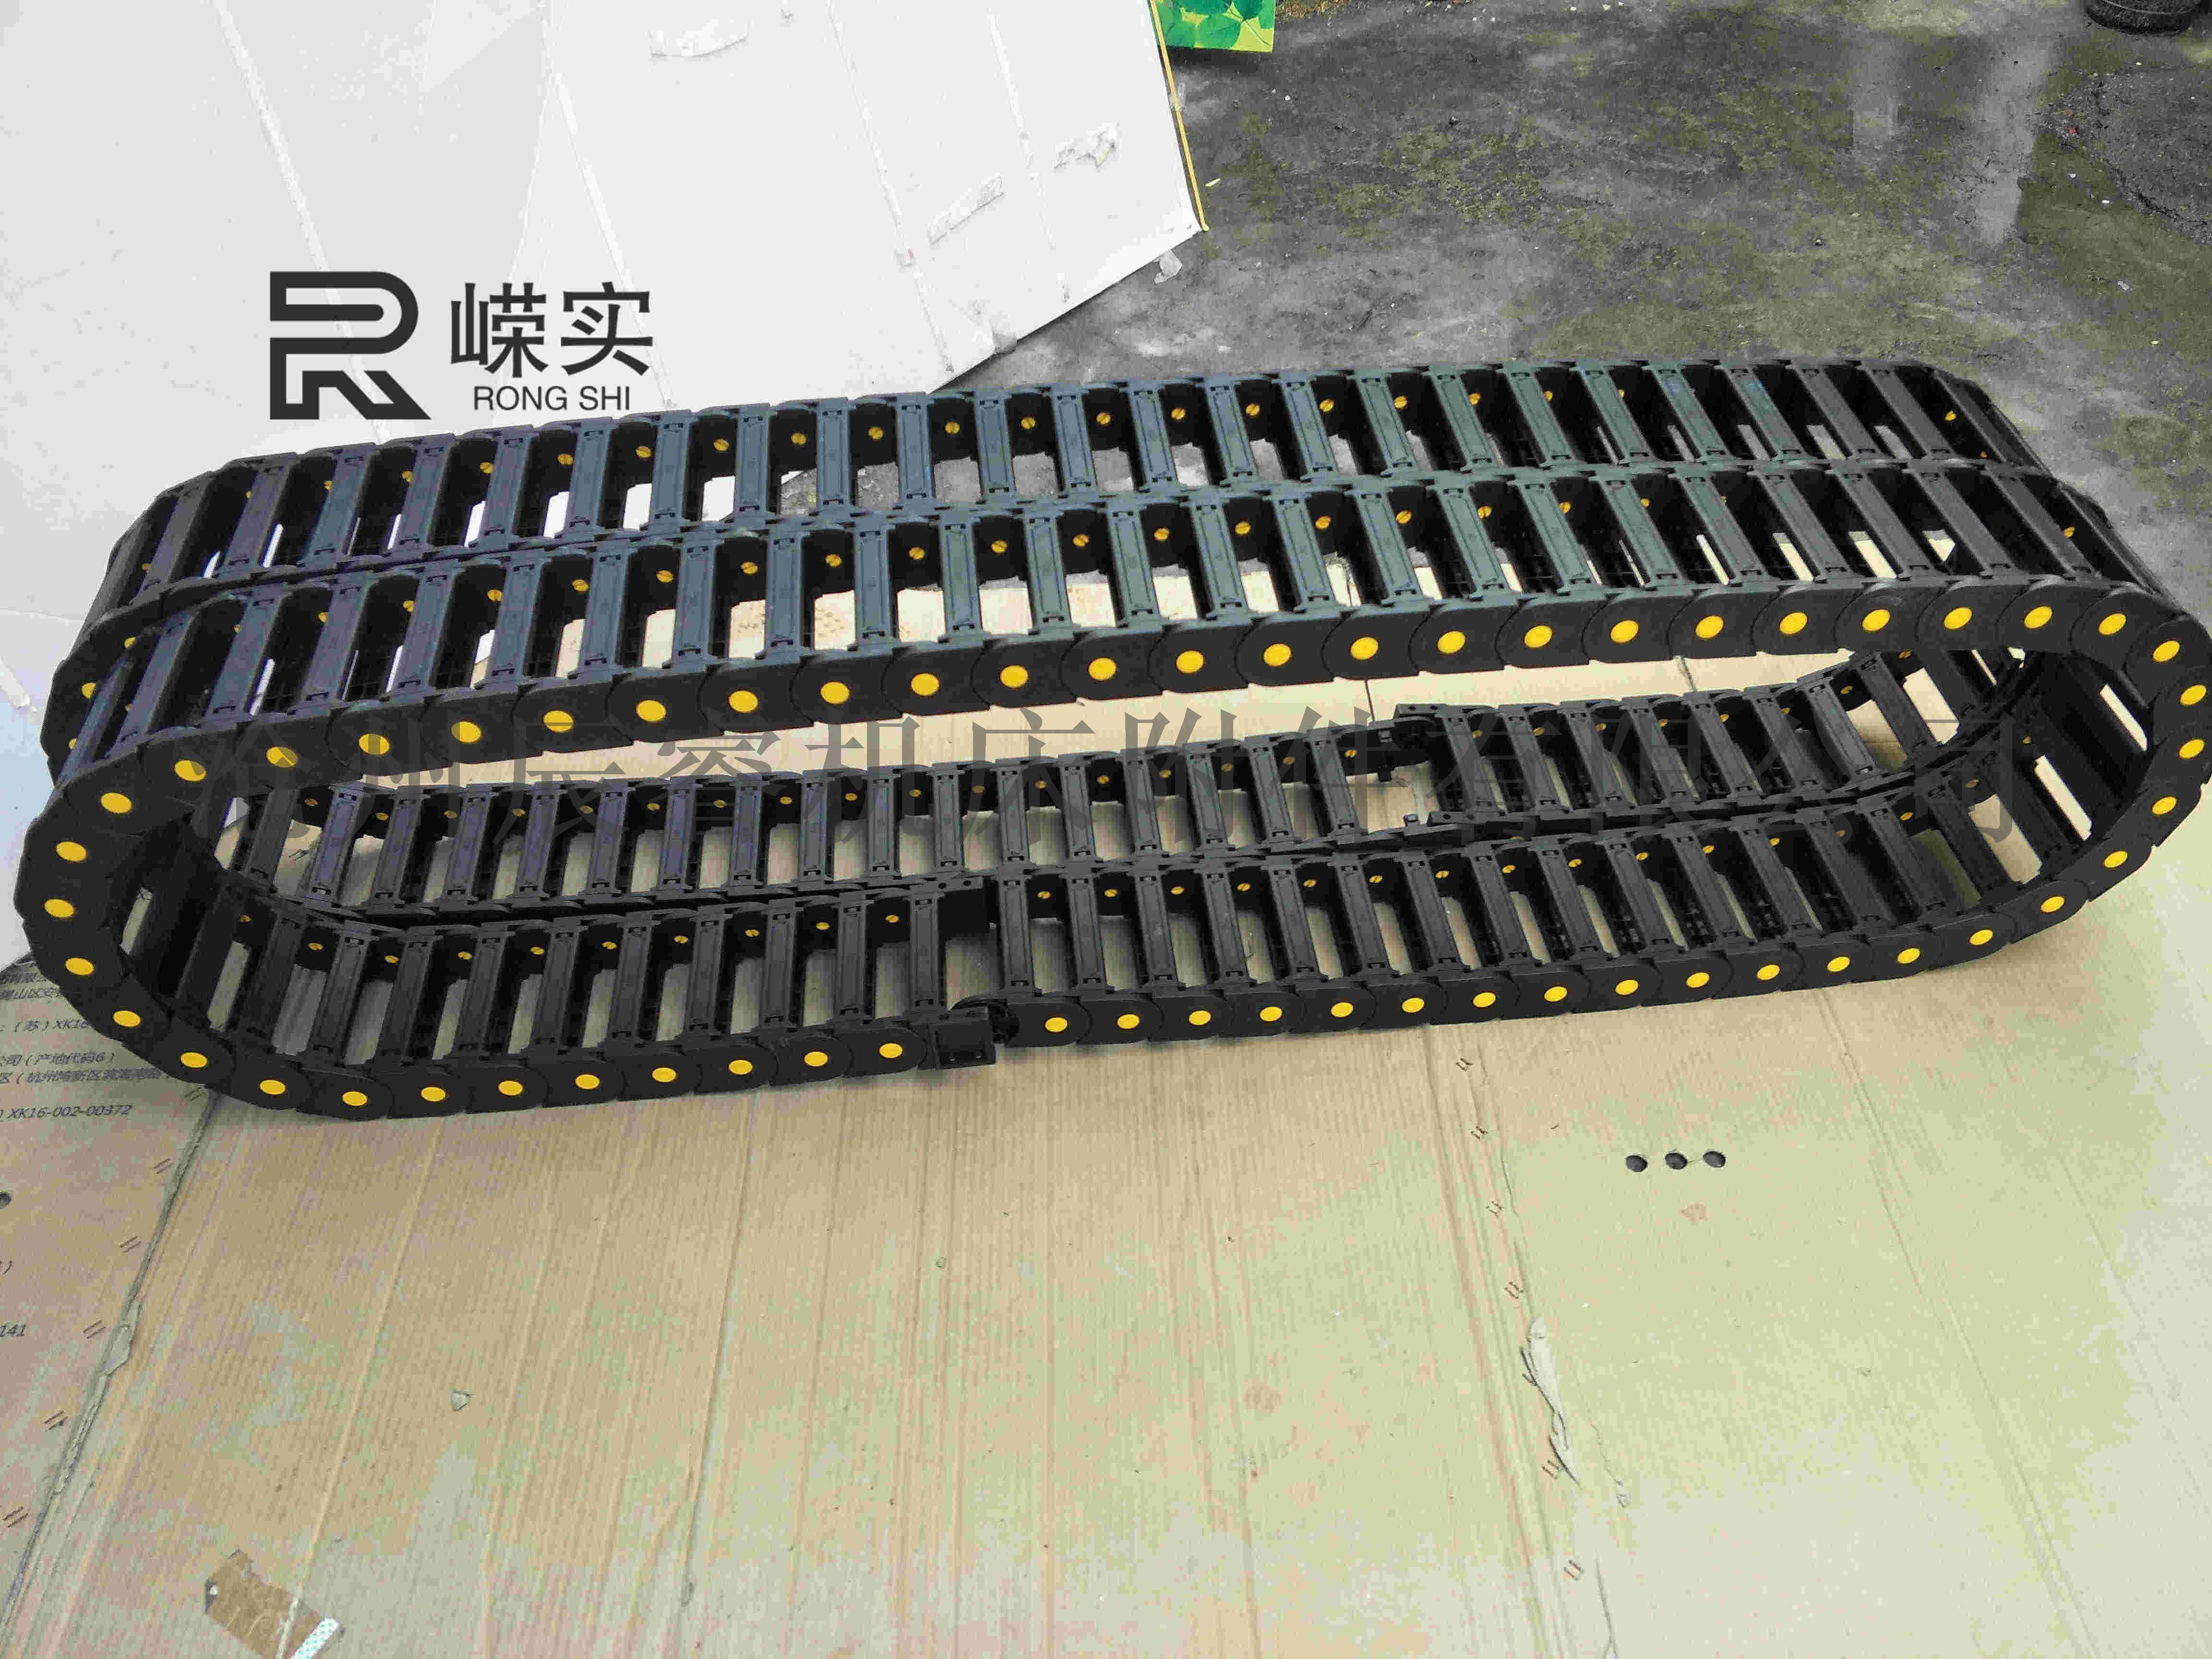 桥式拖链细节图,桥式拖链样品图,桥式拖链图片库850547985